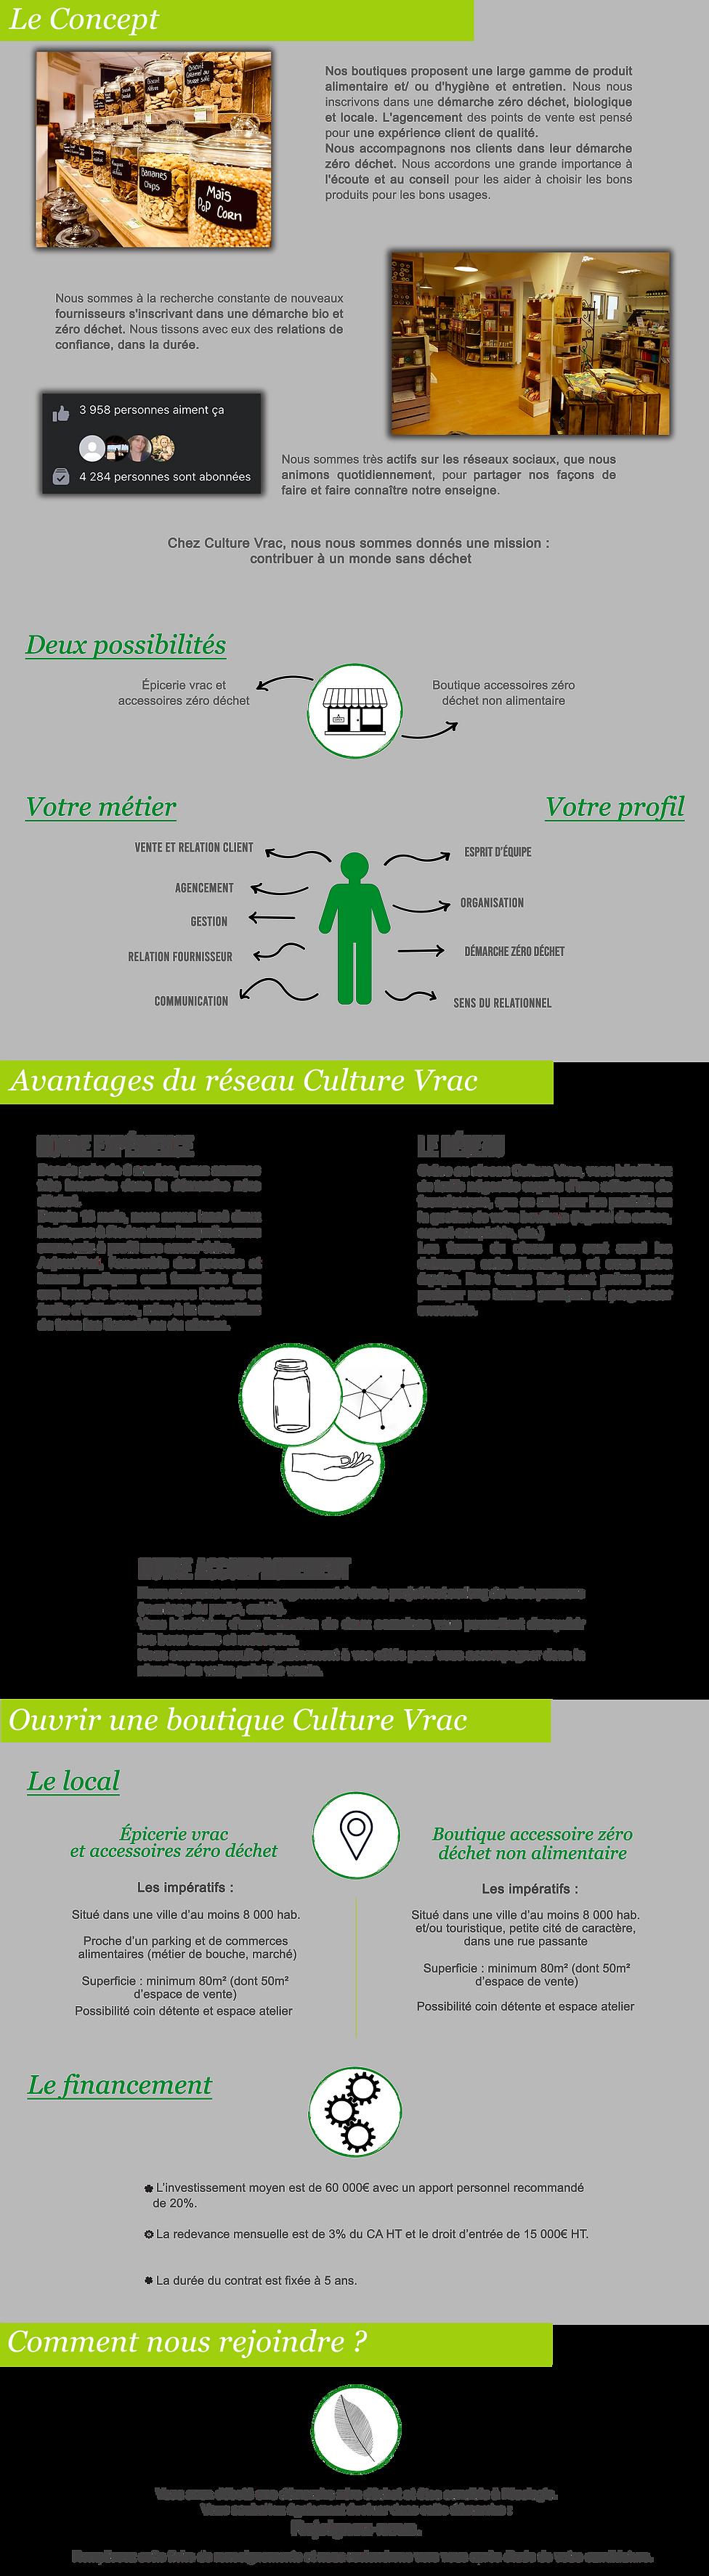 licence-de-marque-culture-vrac.png